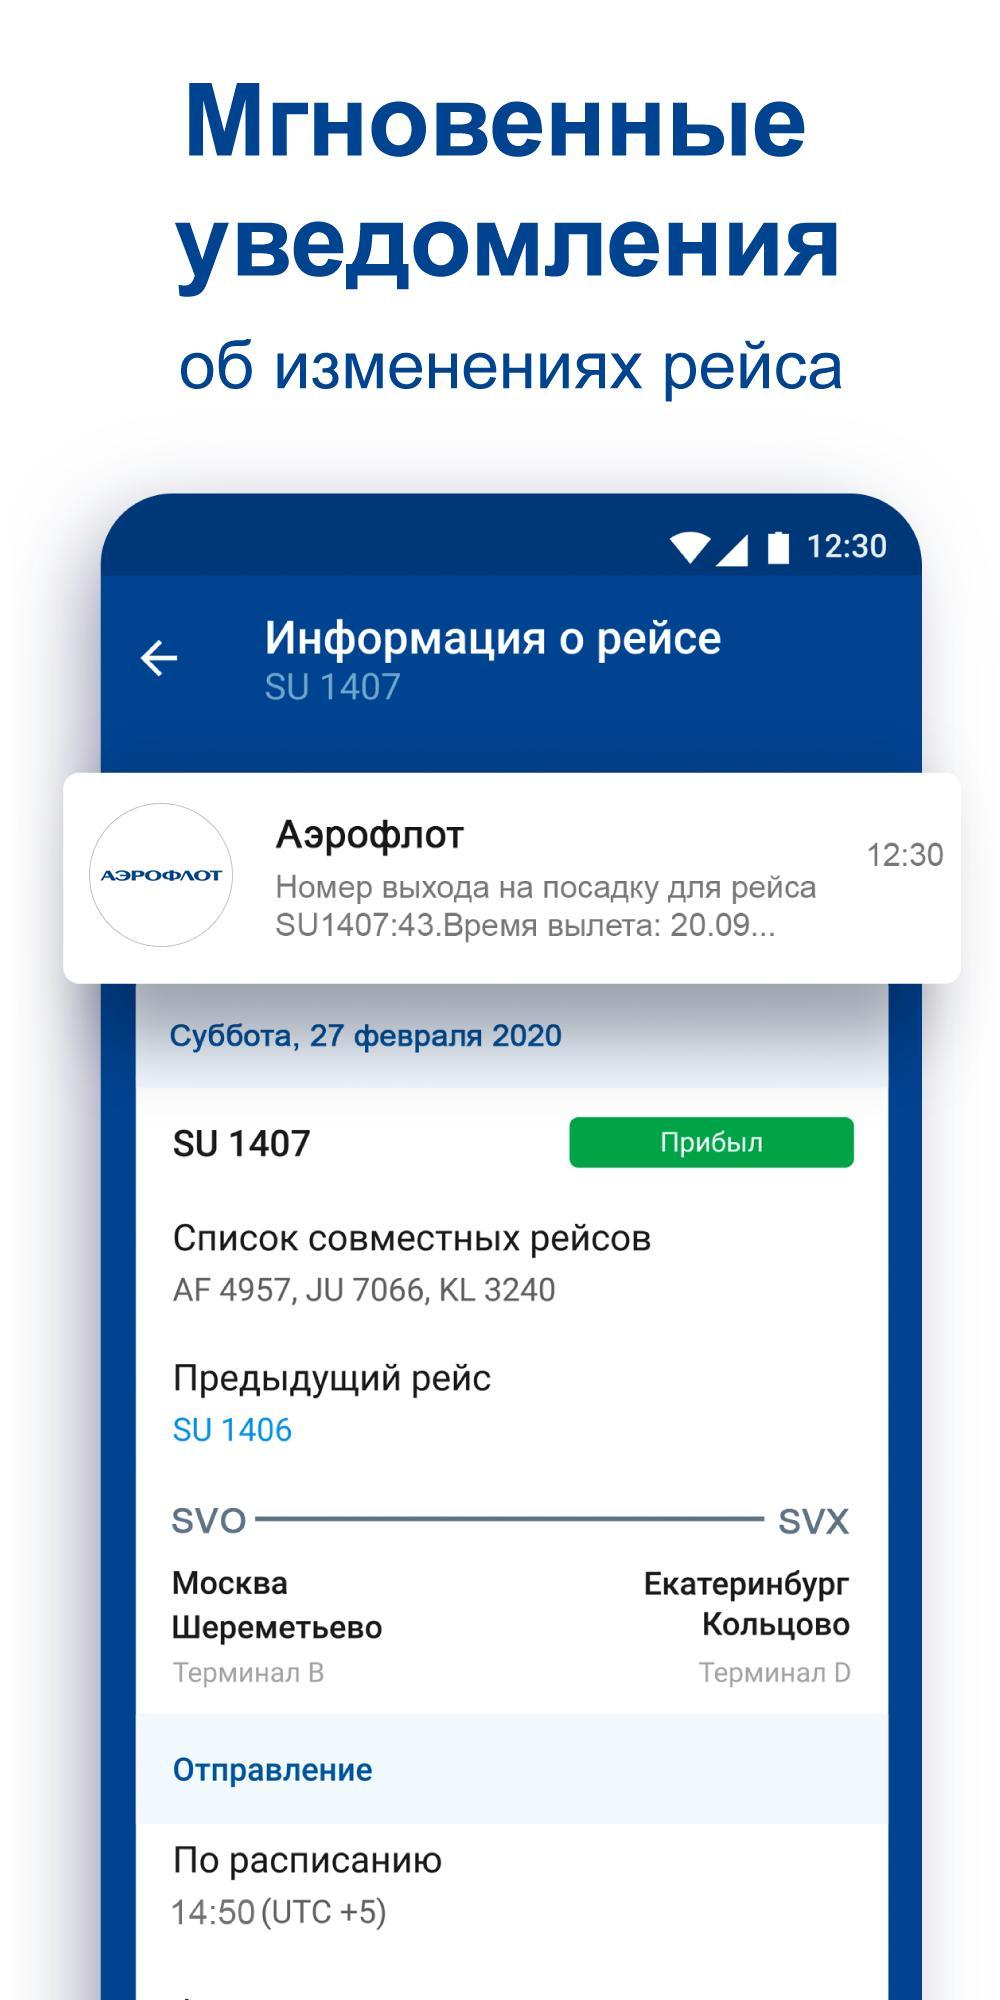 Авиабилеты купить онлайн дешево аэрофлот купить билет на самолет волгоград москва и обратно